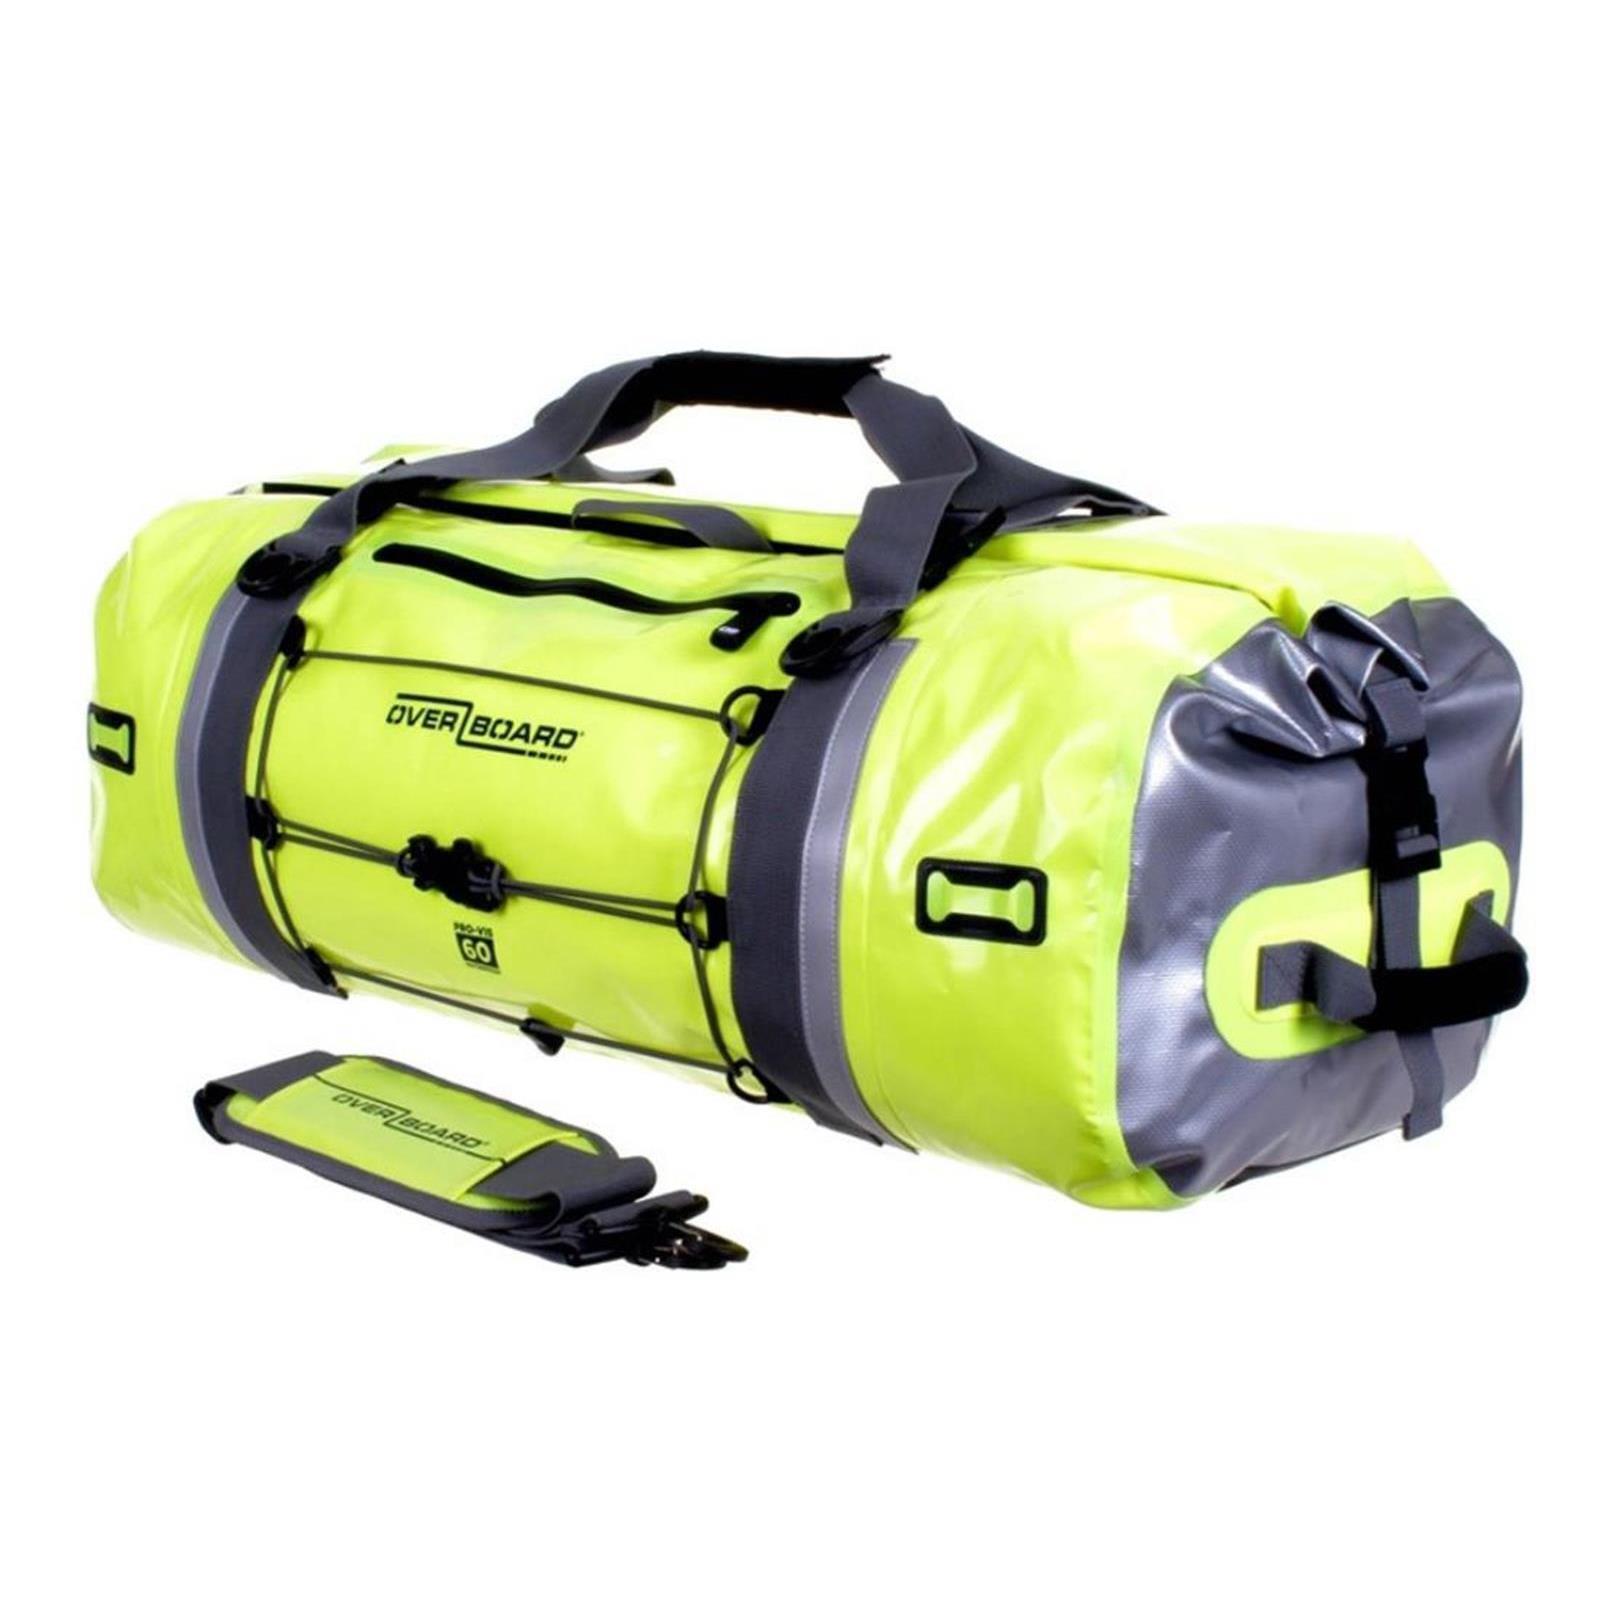 Overboard Impermeabile Duffle Bag ProVIS 60 L giallo, sacchetti, nuovo ridotto